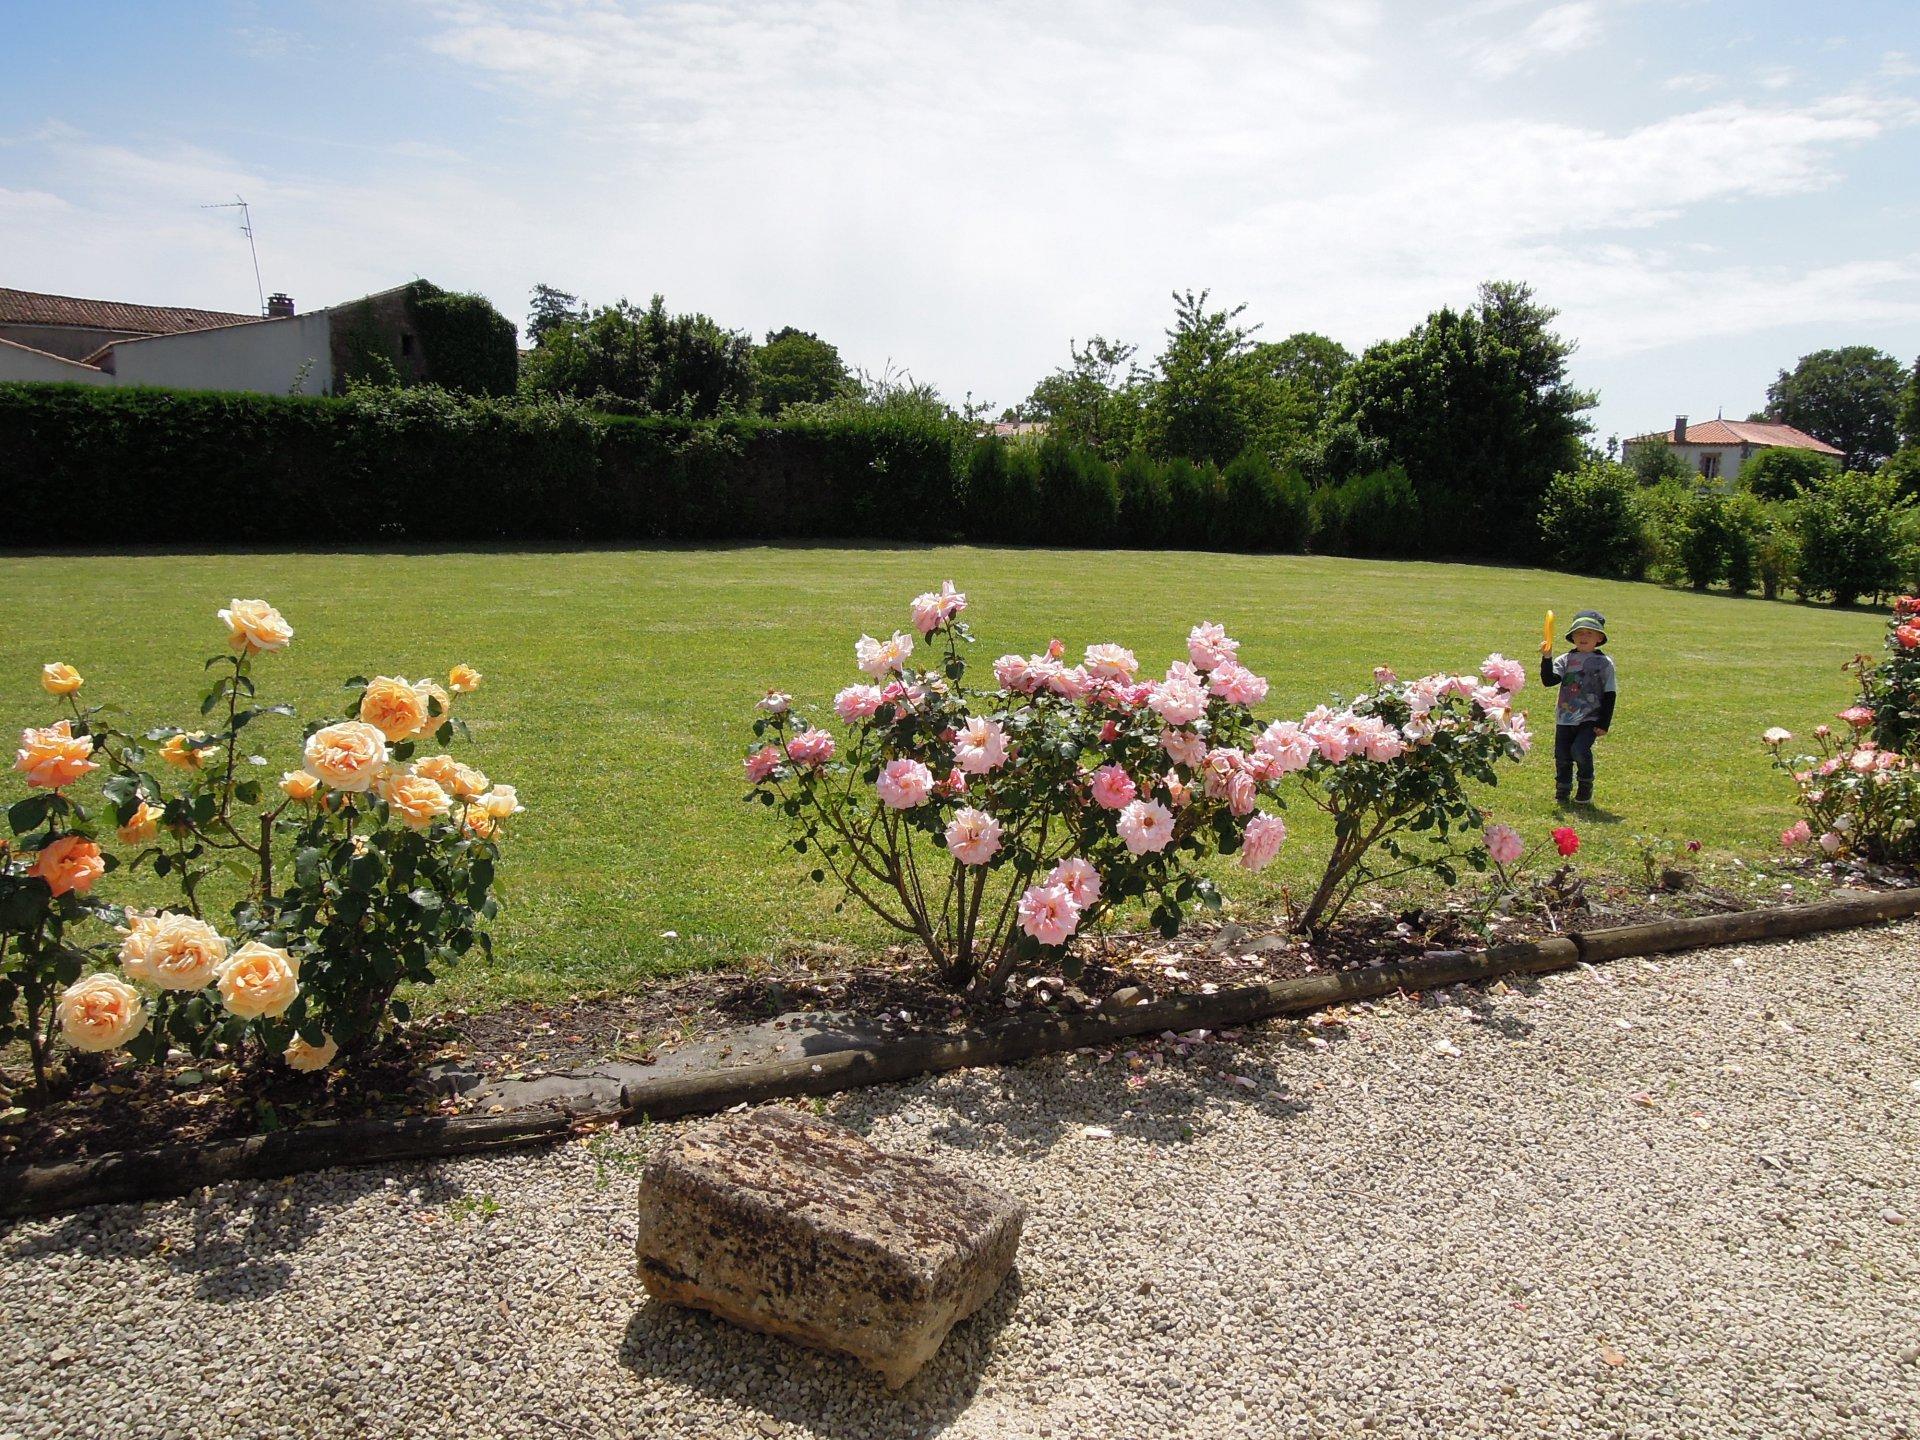 Vendée - Gîte avec grand jardin dans village paisible